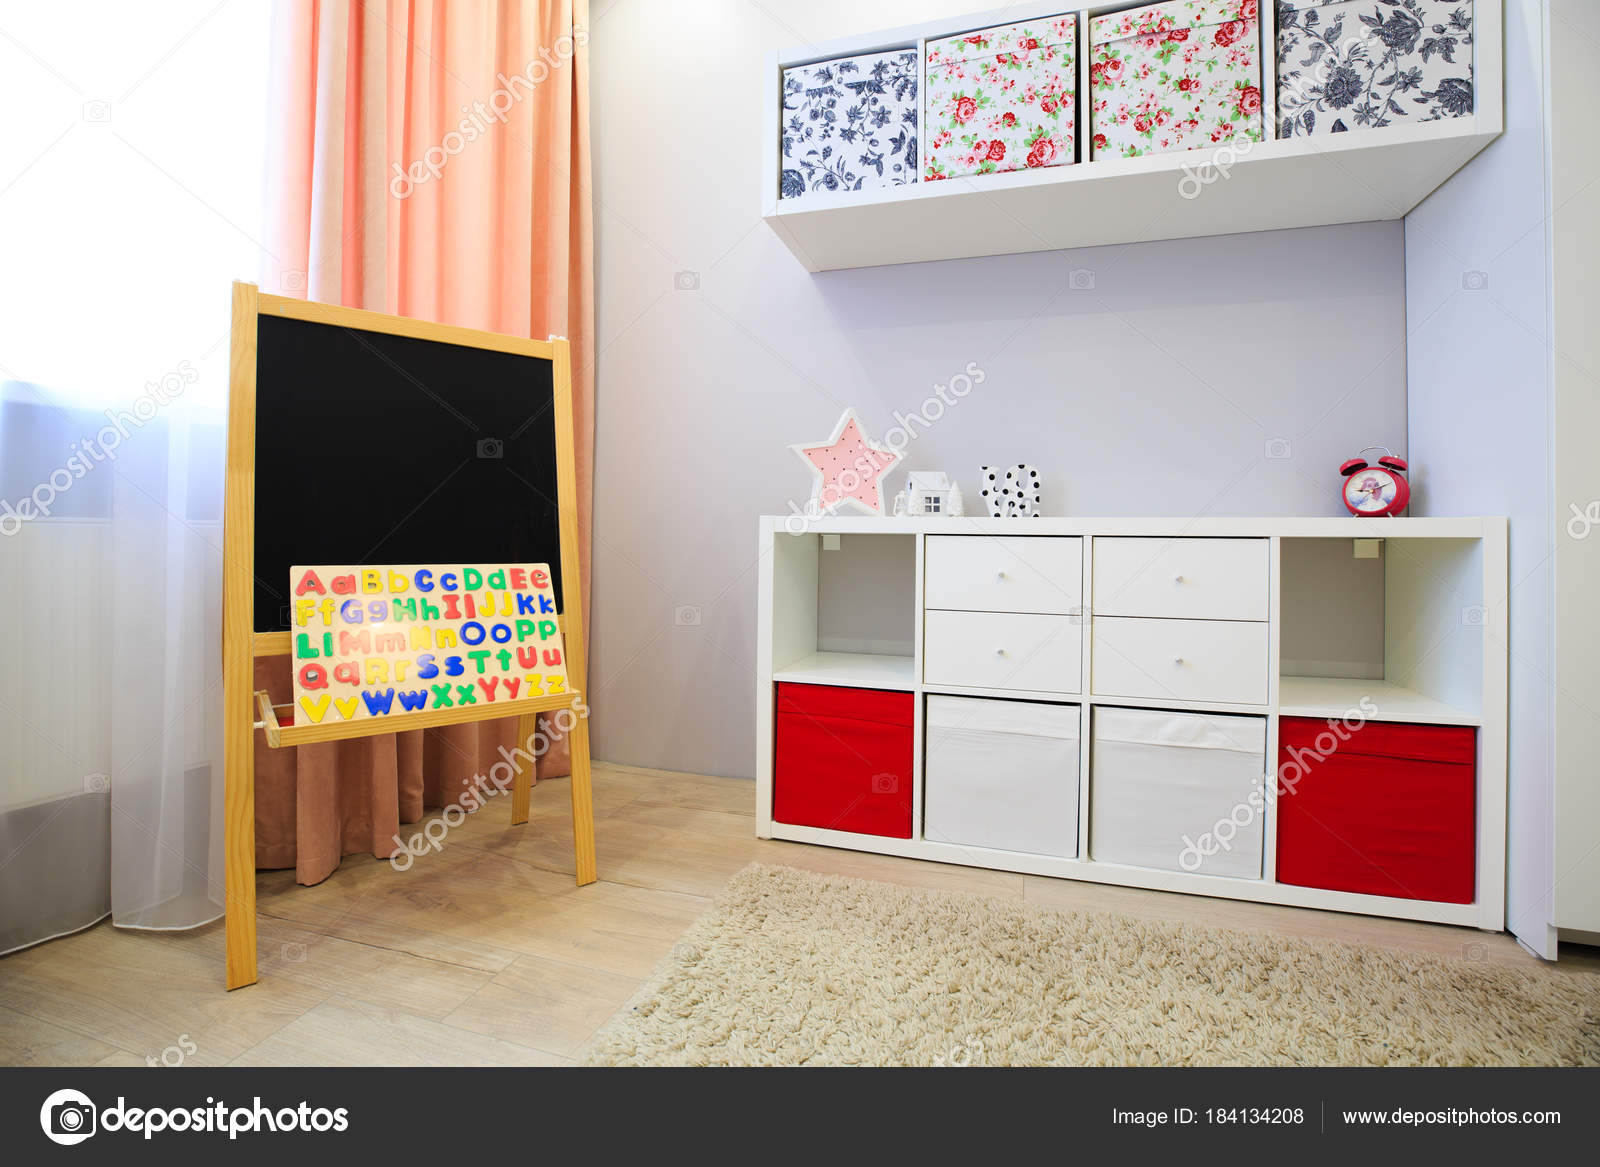 interieur van de kinderkamer — Stockfoto © dimarik #184134208